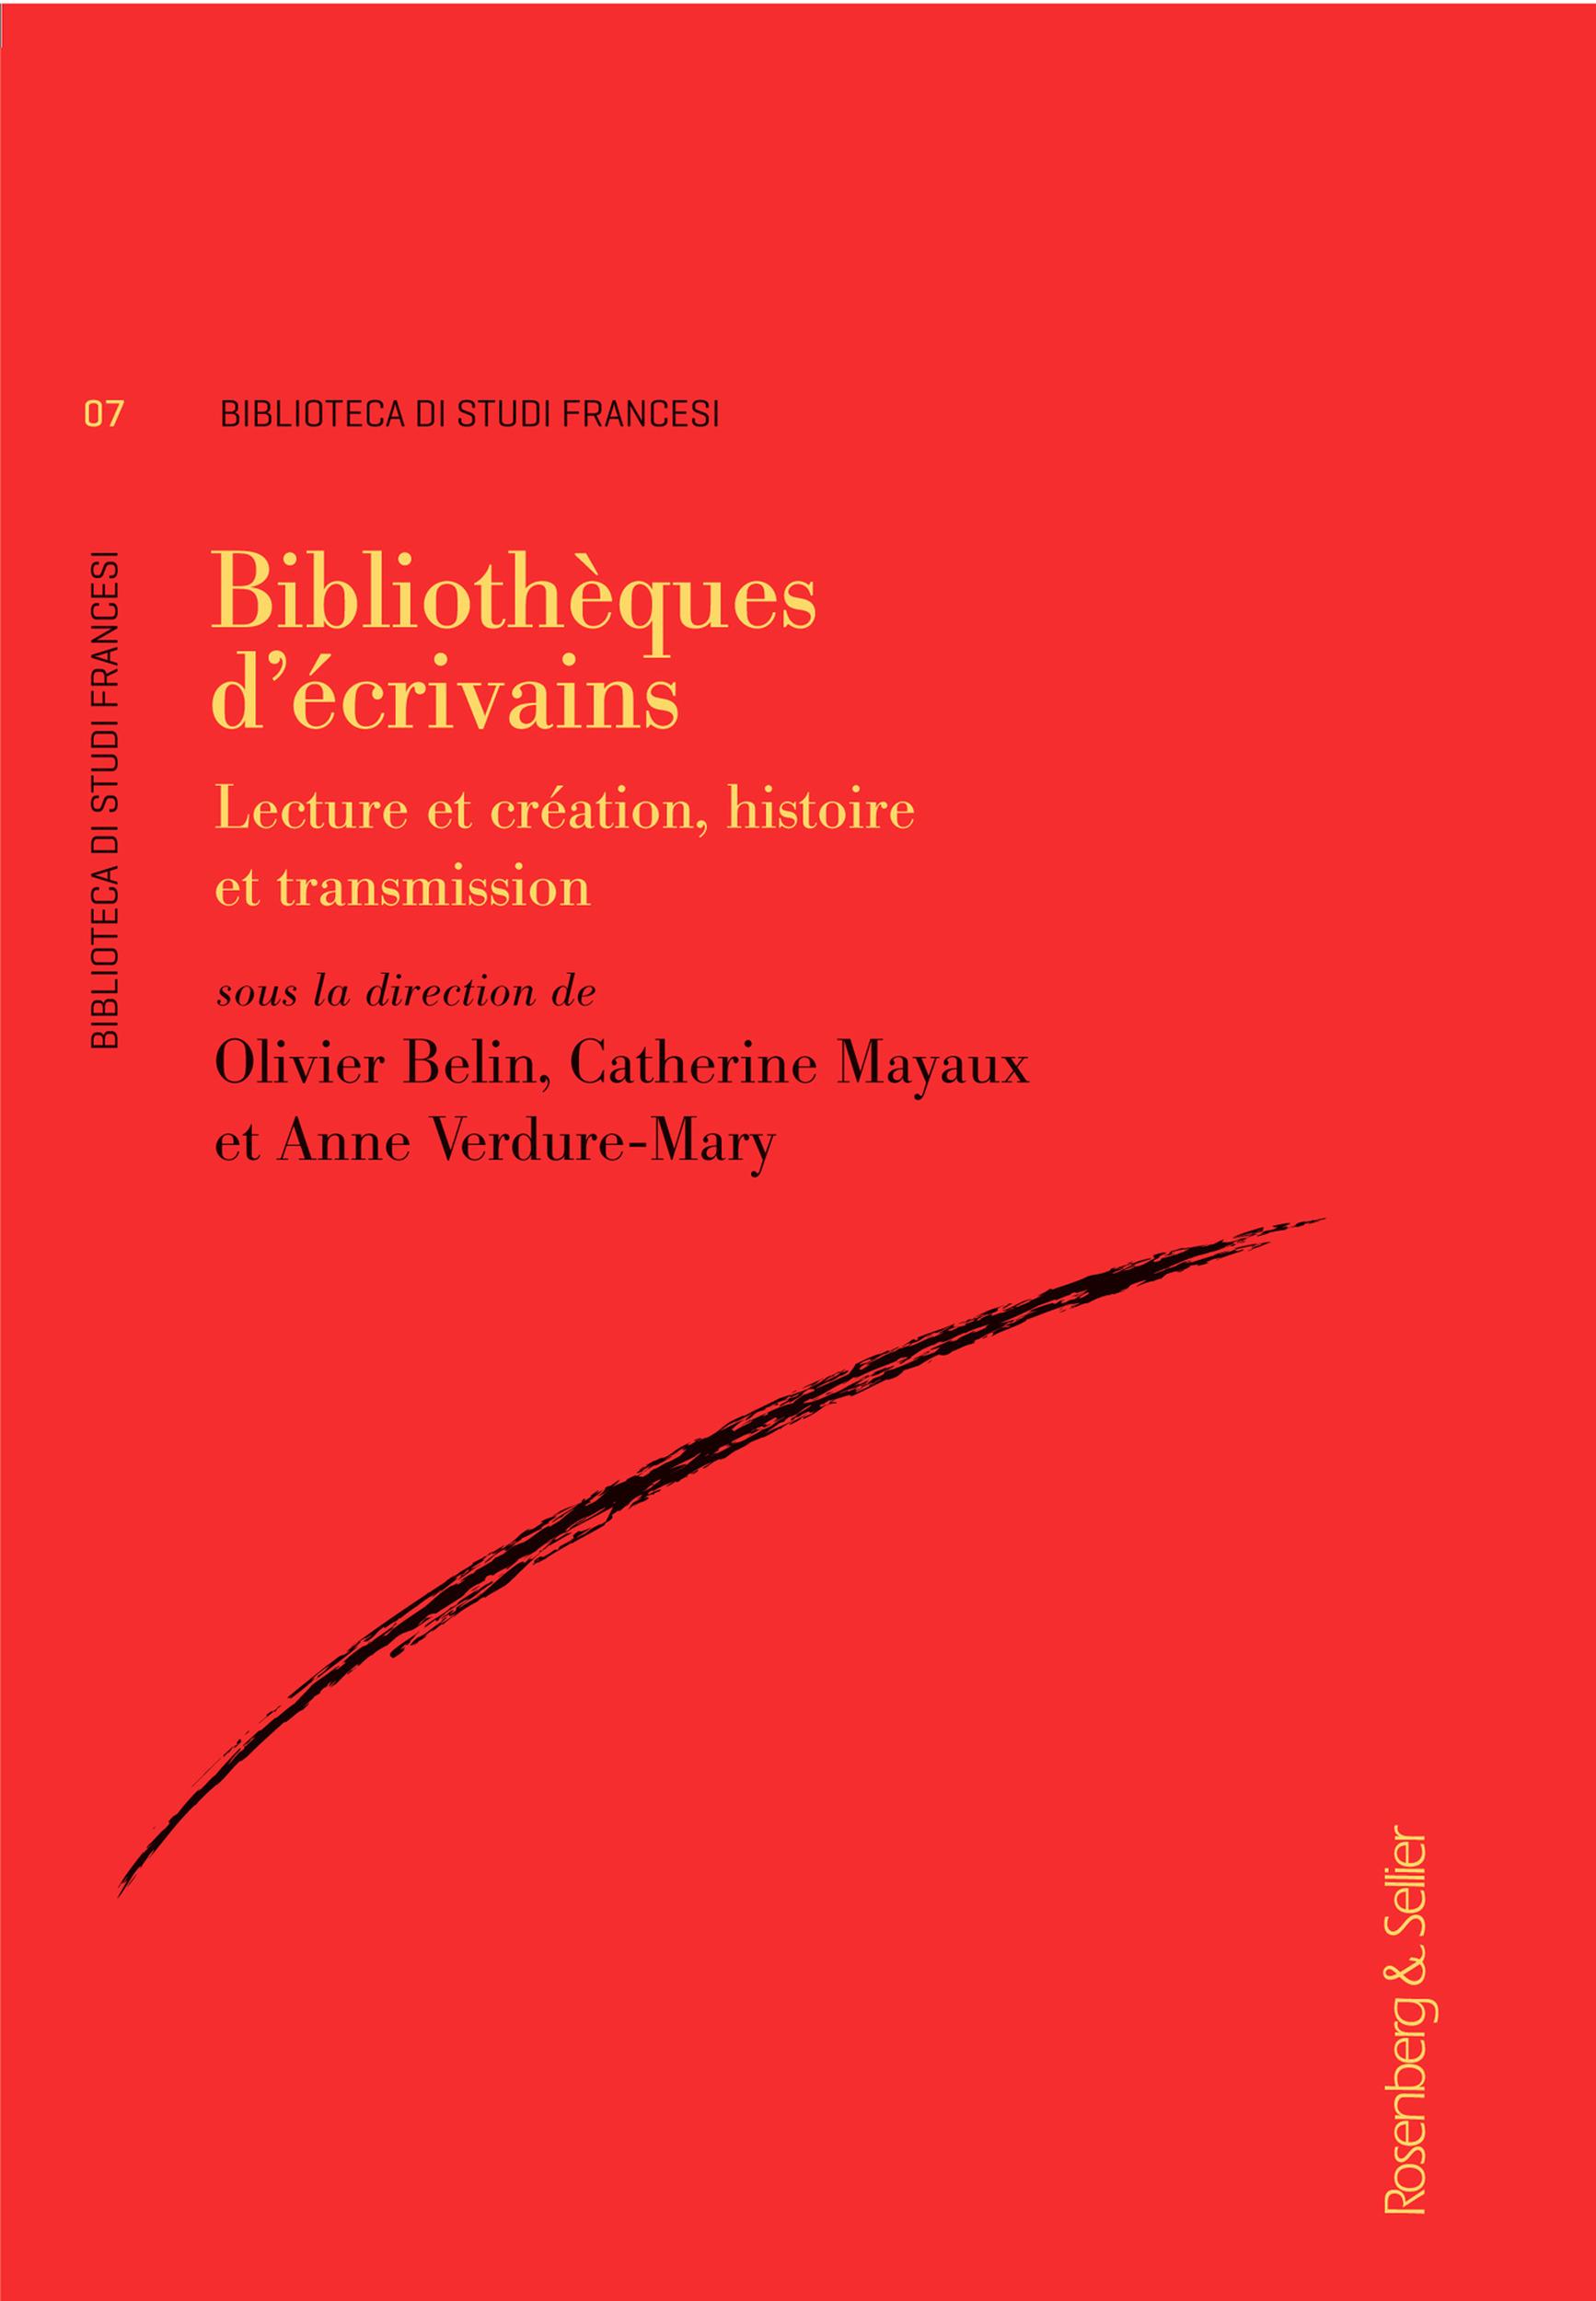 Bibliotheques d ecrivains - lecture et creation, histoire et transmission